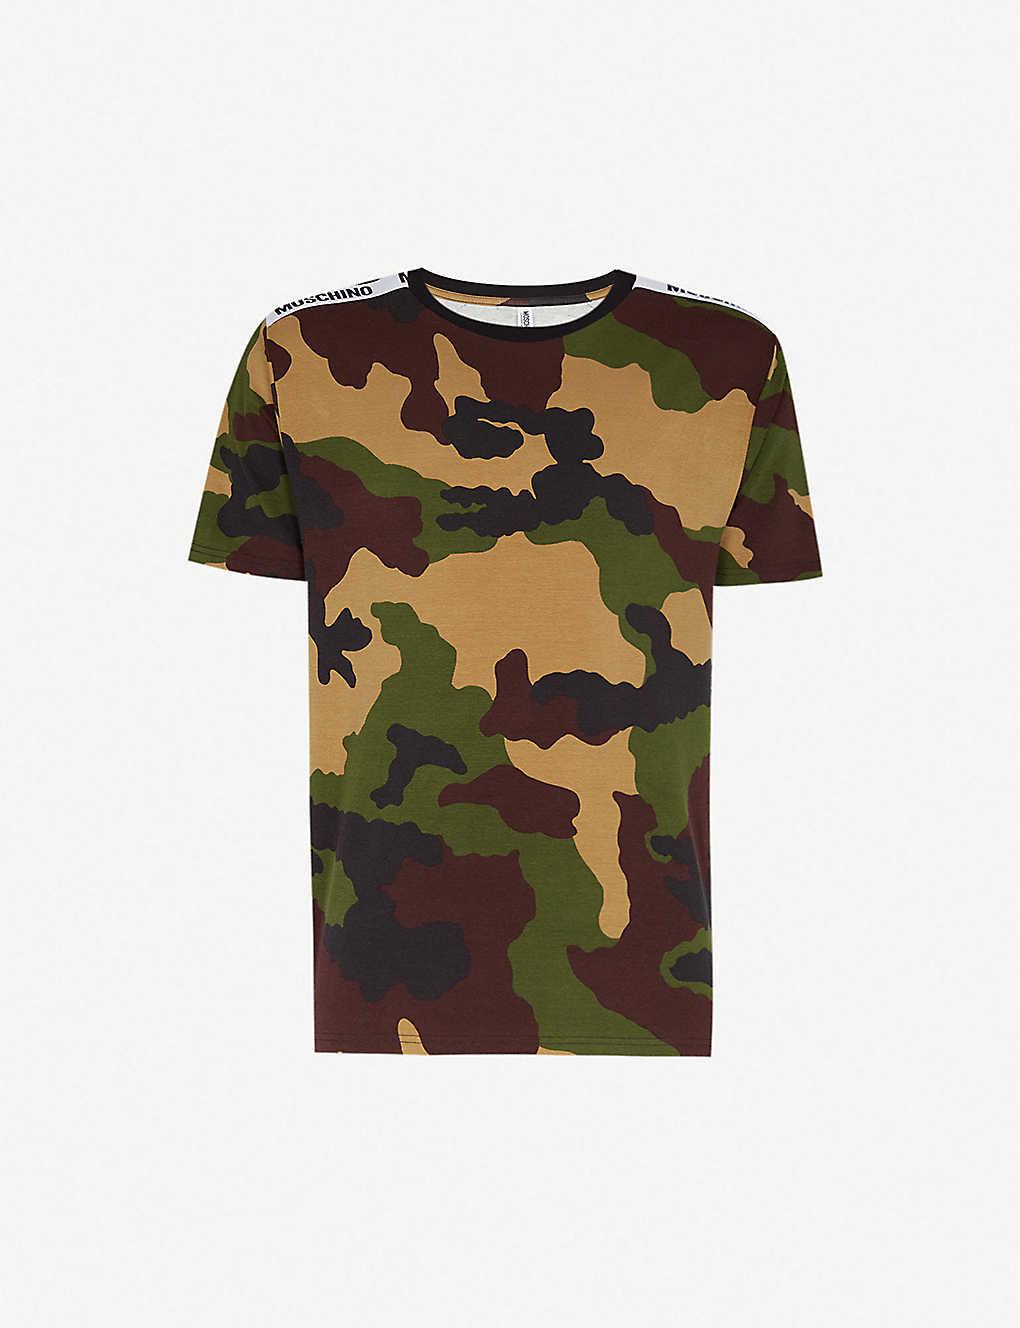 f245e6fefce5d MOSCHINO - Camouflage-print stretch-cotton T-shirt | Selfridges.com